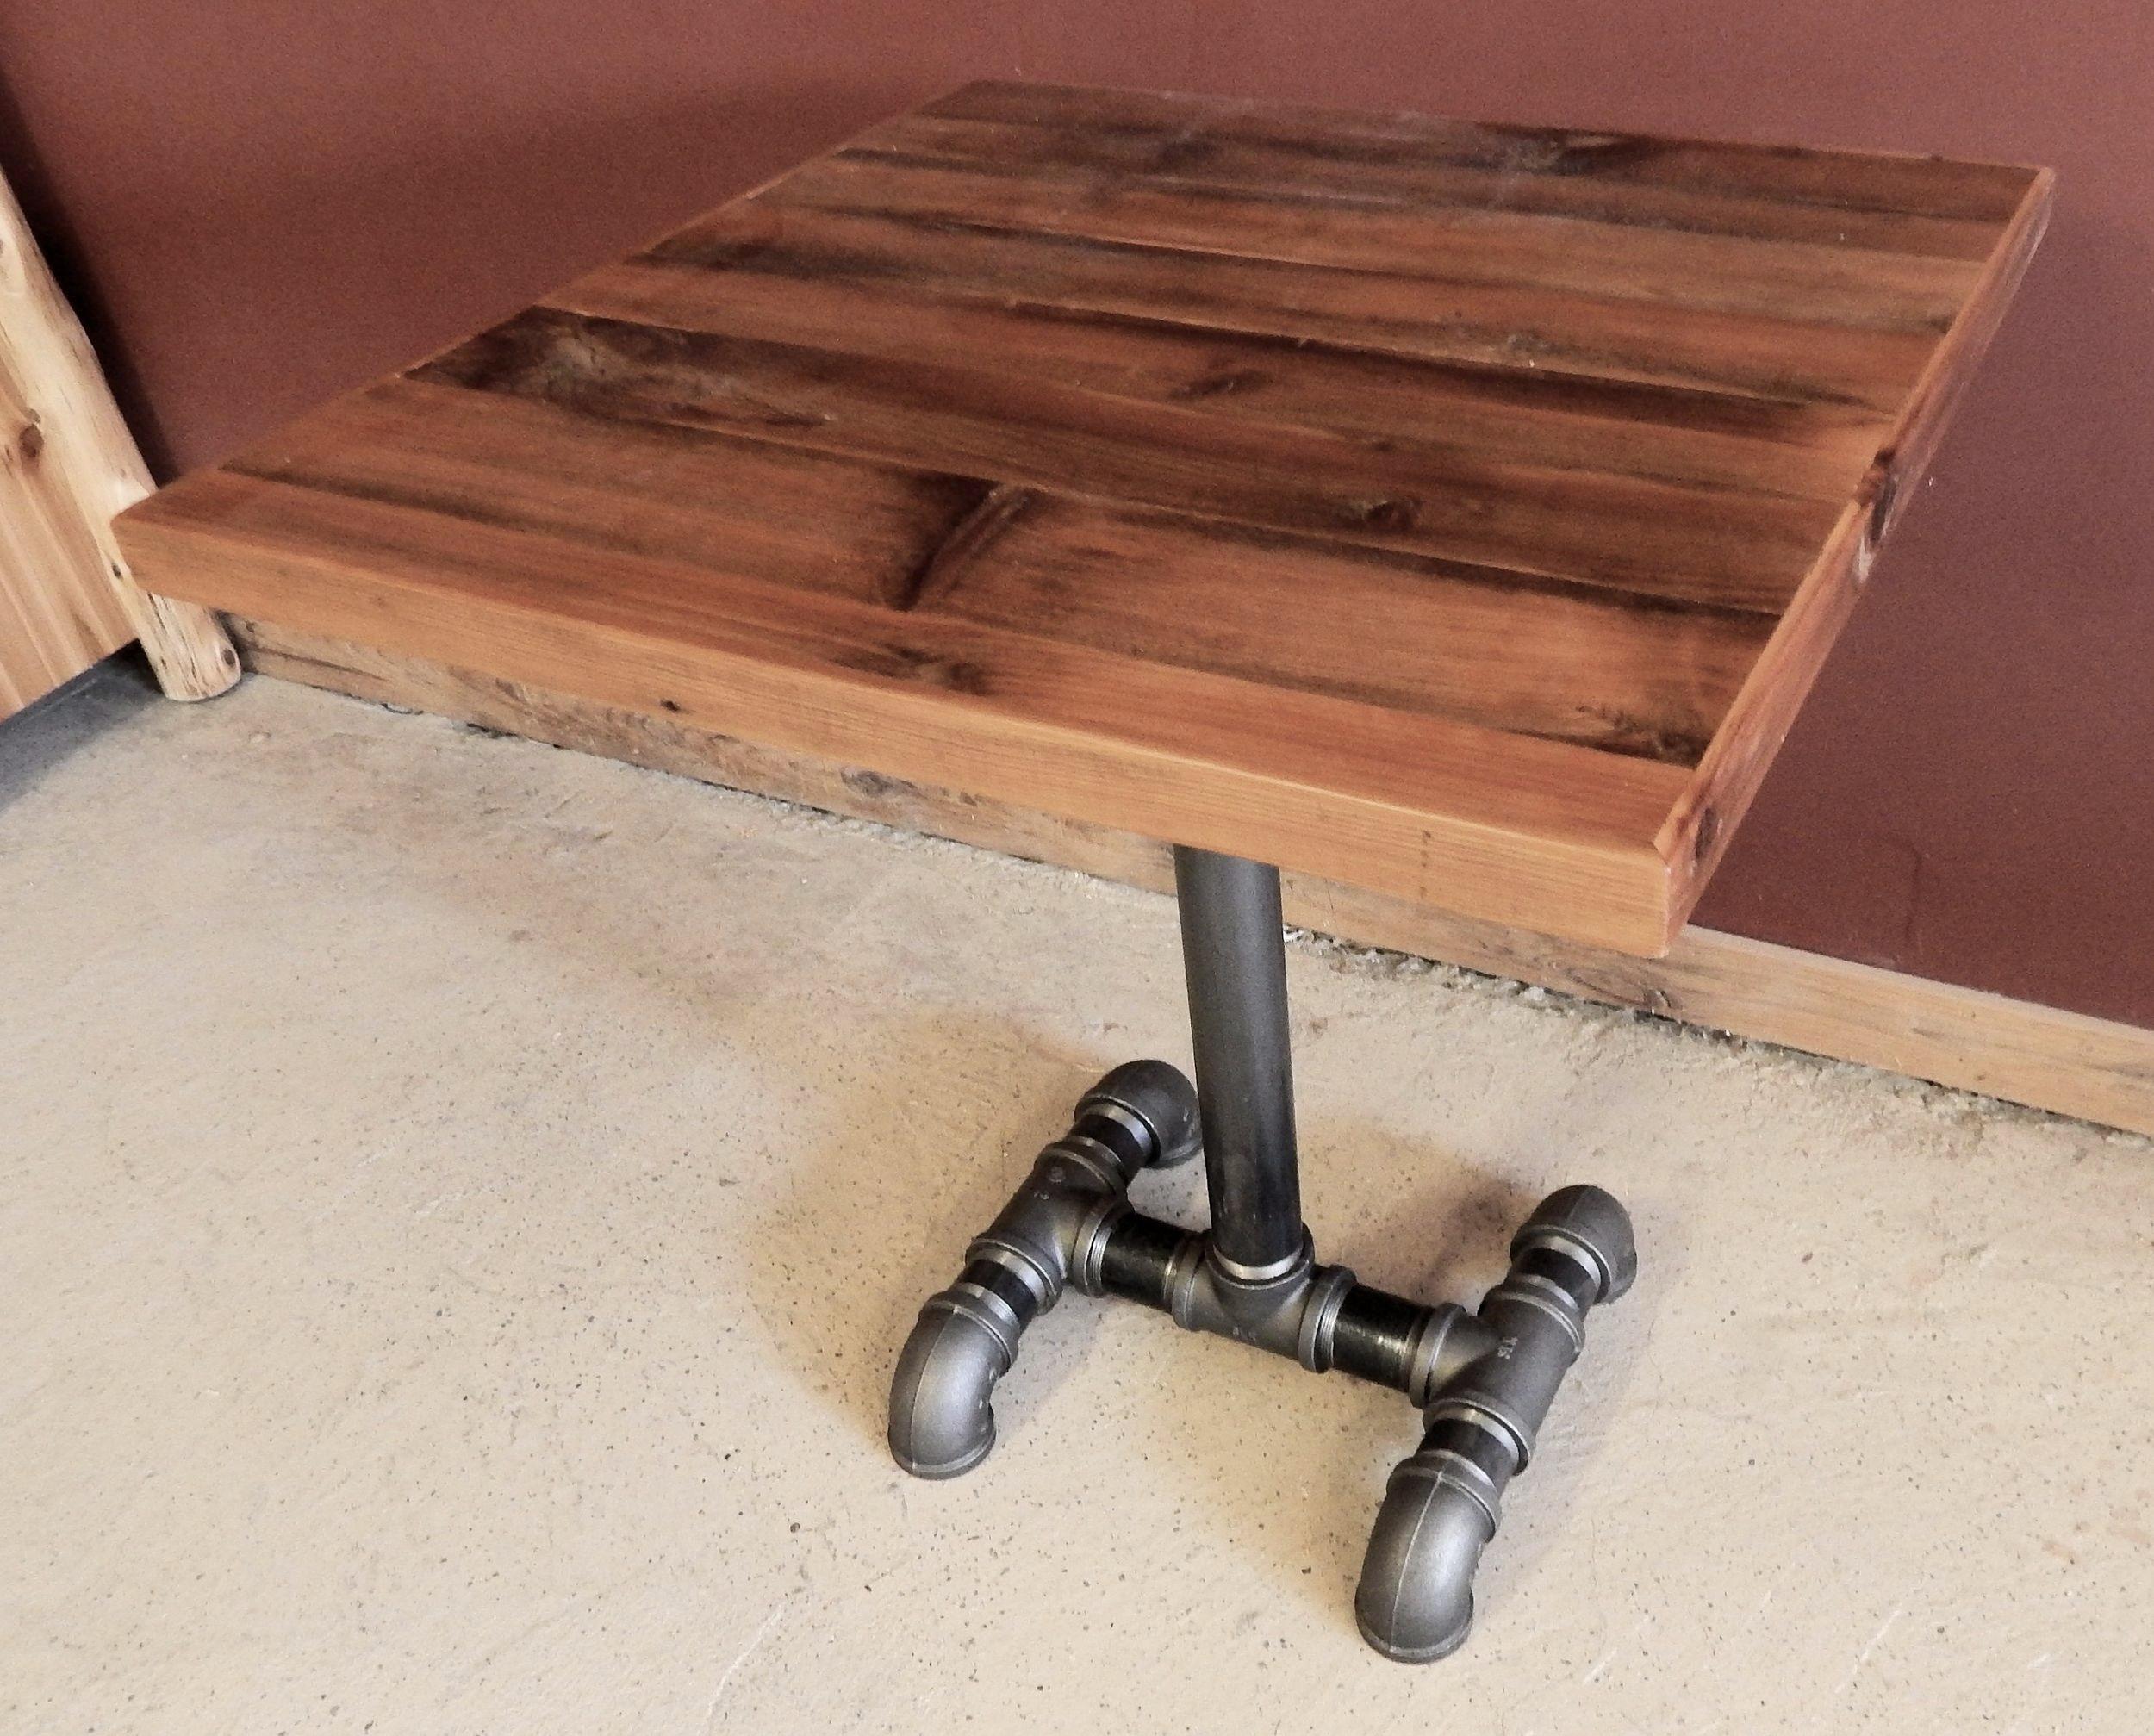 pipe-table-2.jpg